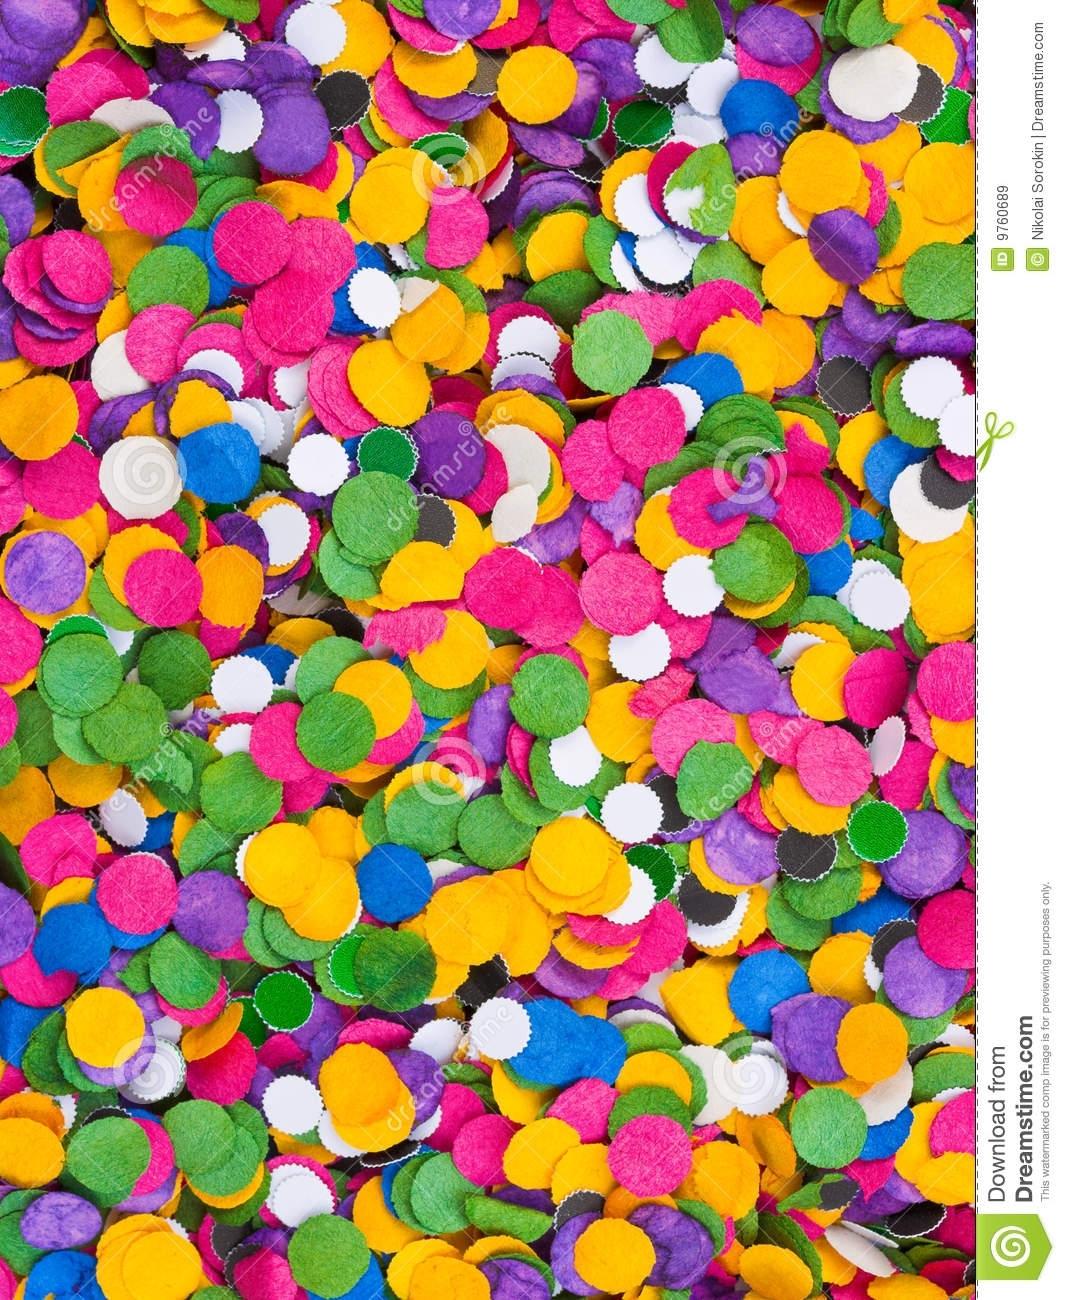 Confetti Background Stock Image. Image Of Adoration